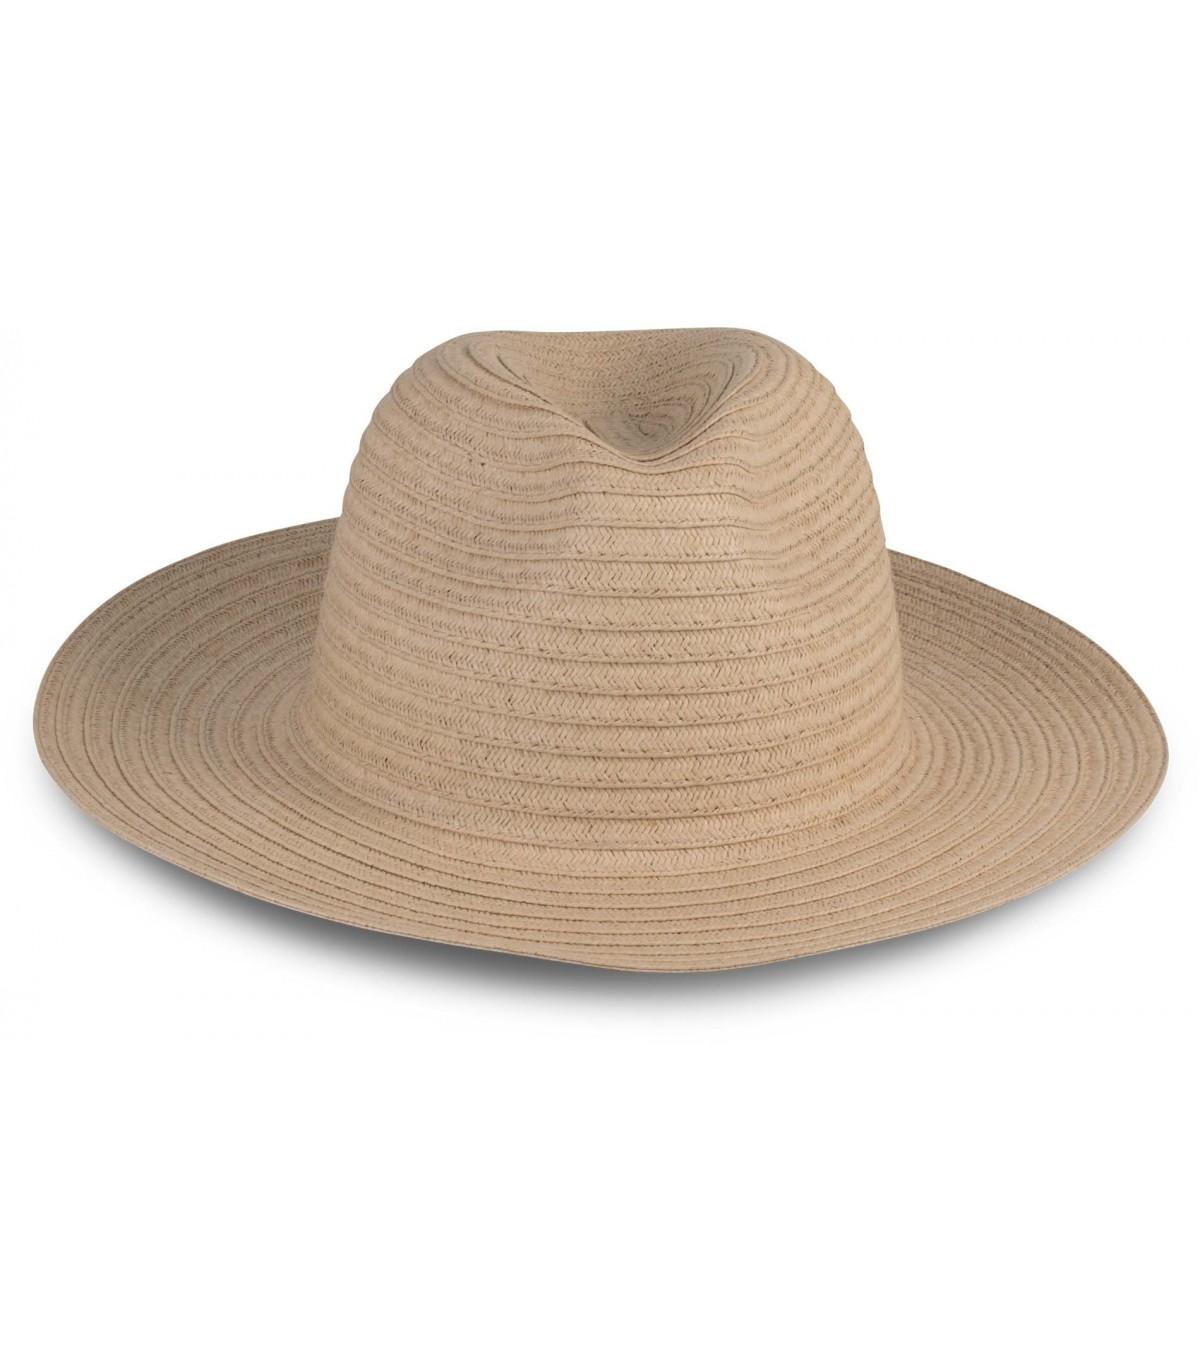 Chapeau : comment choisir son chapeau selon la forme de son visage ?